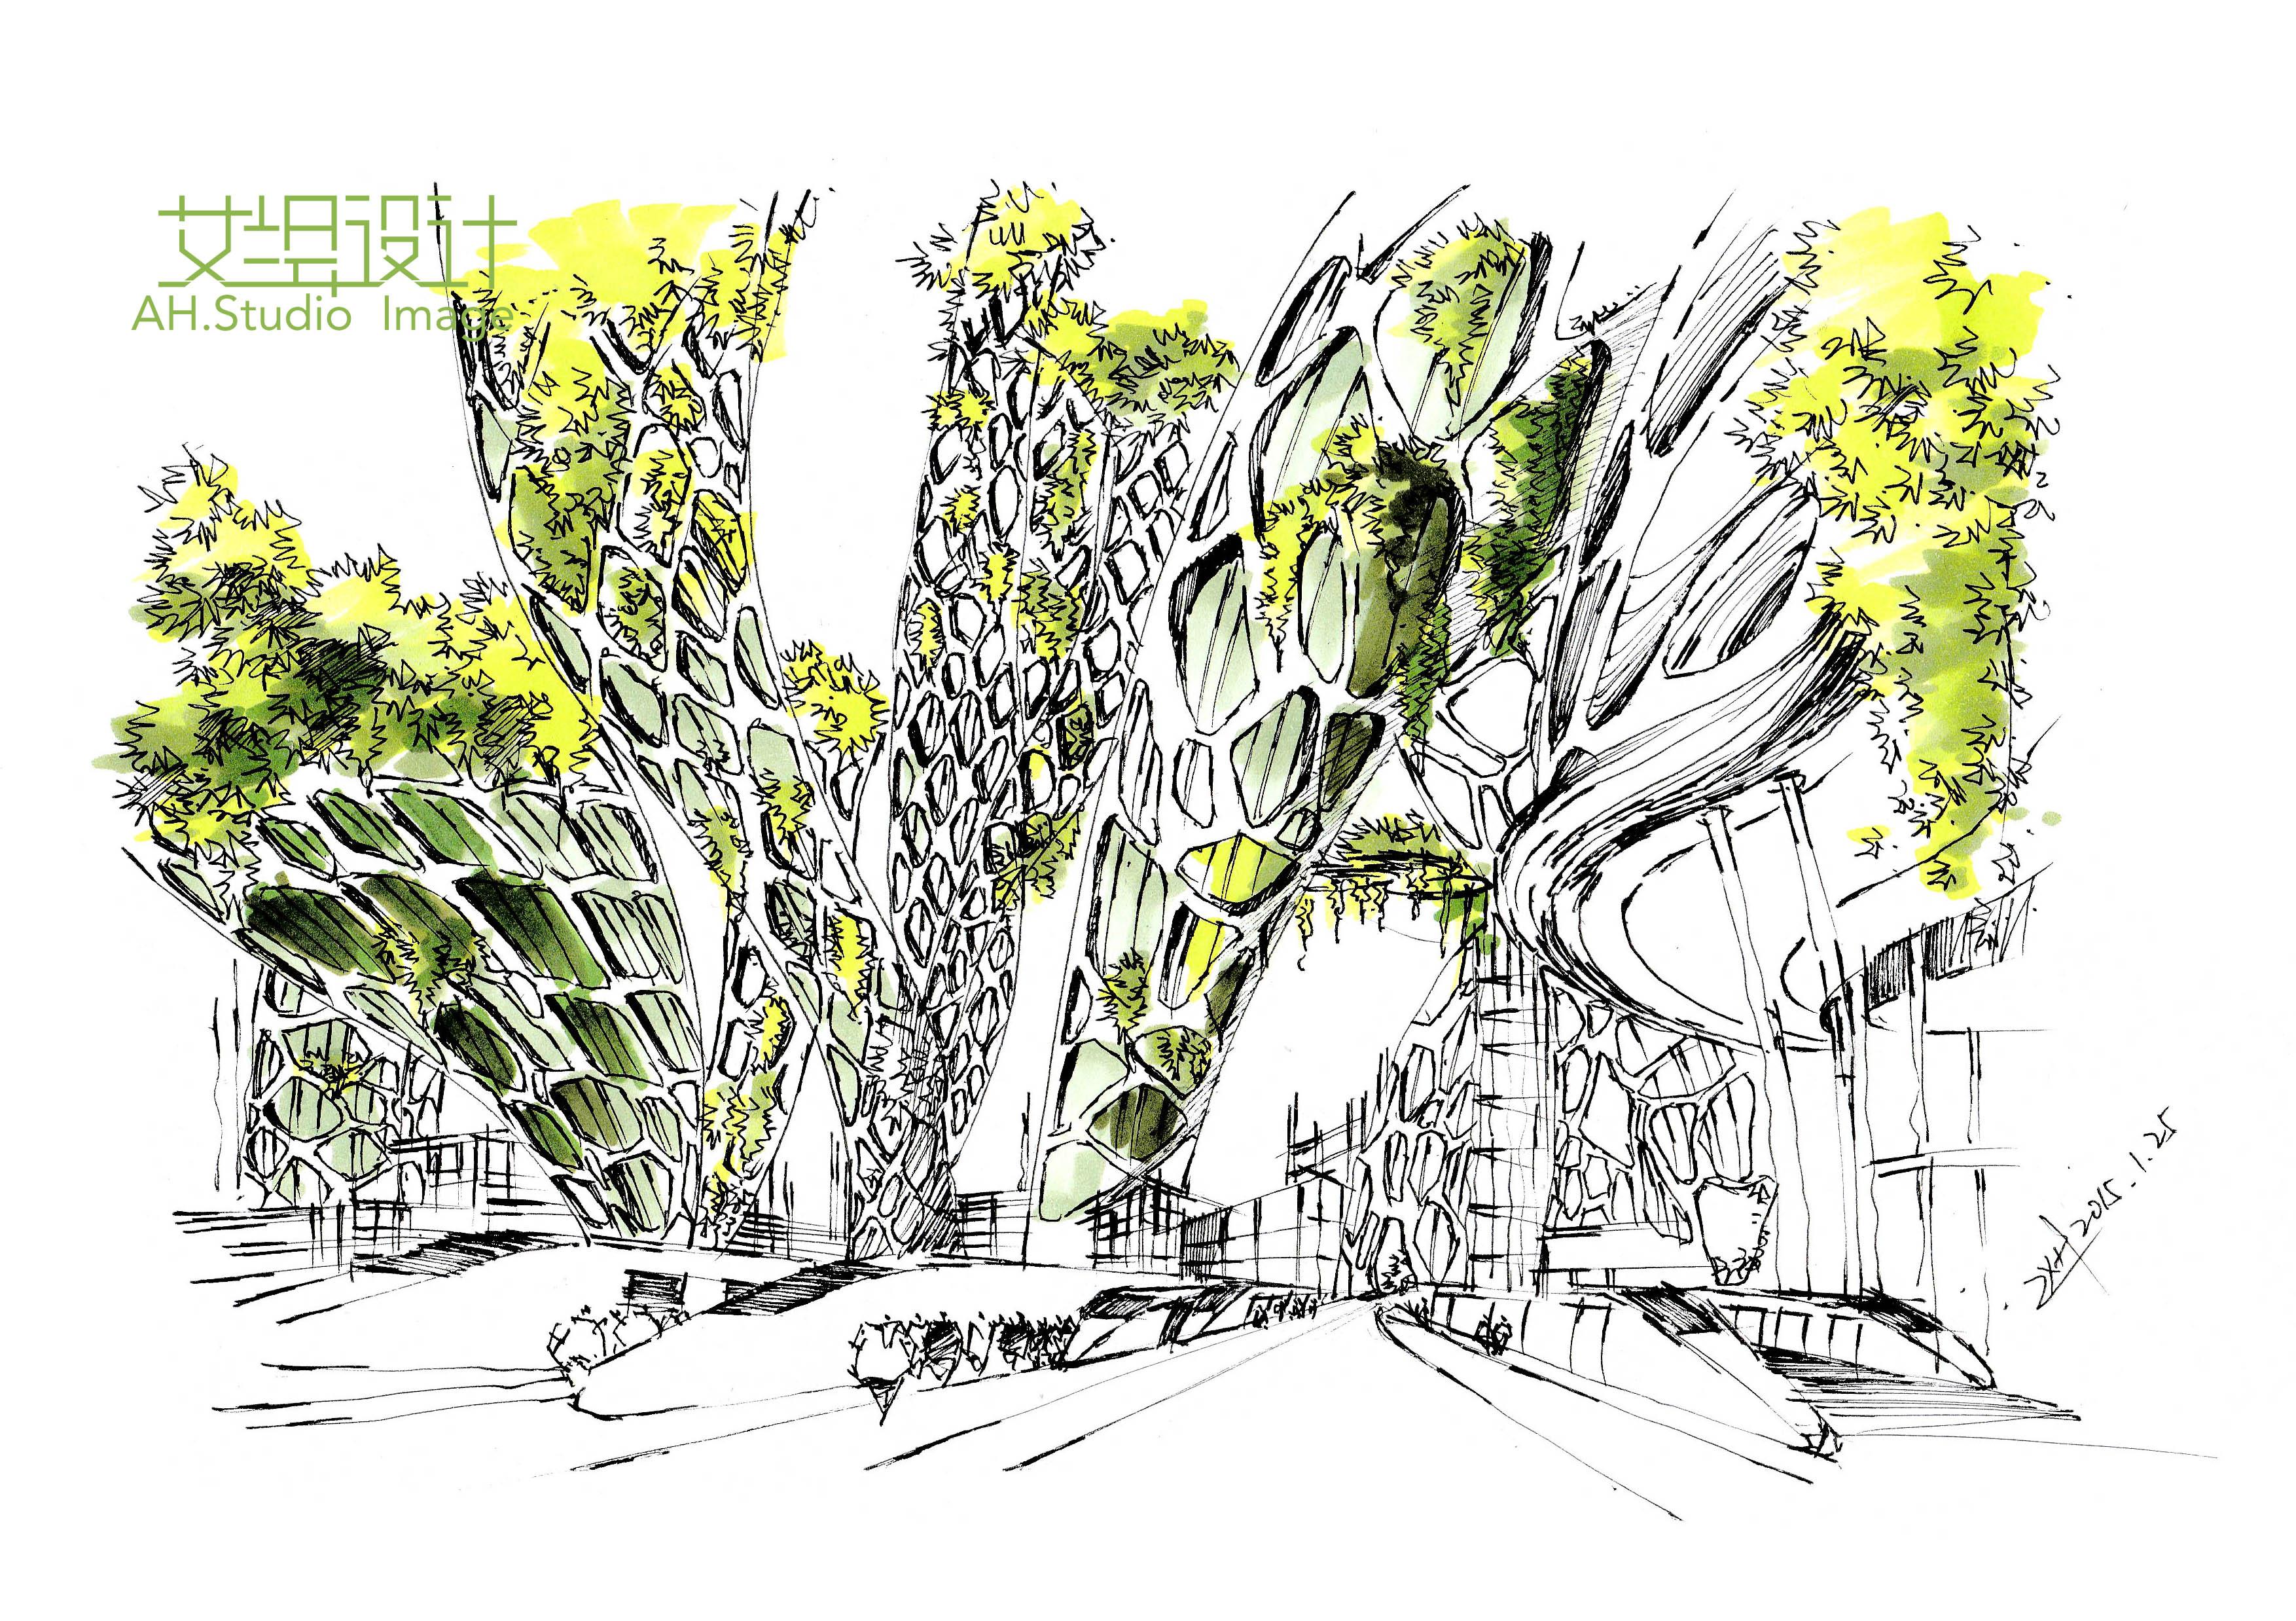 艾绘设计—建筑马克笔表现步骤|空间|建筑设计|画手绘